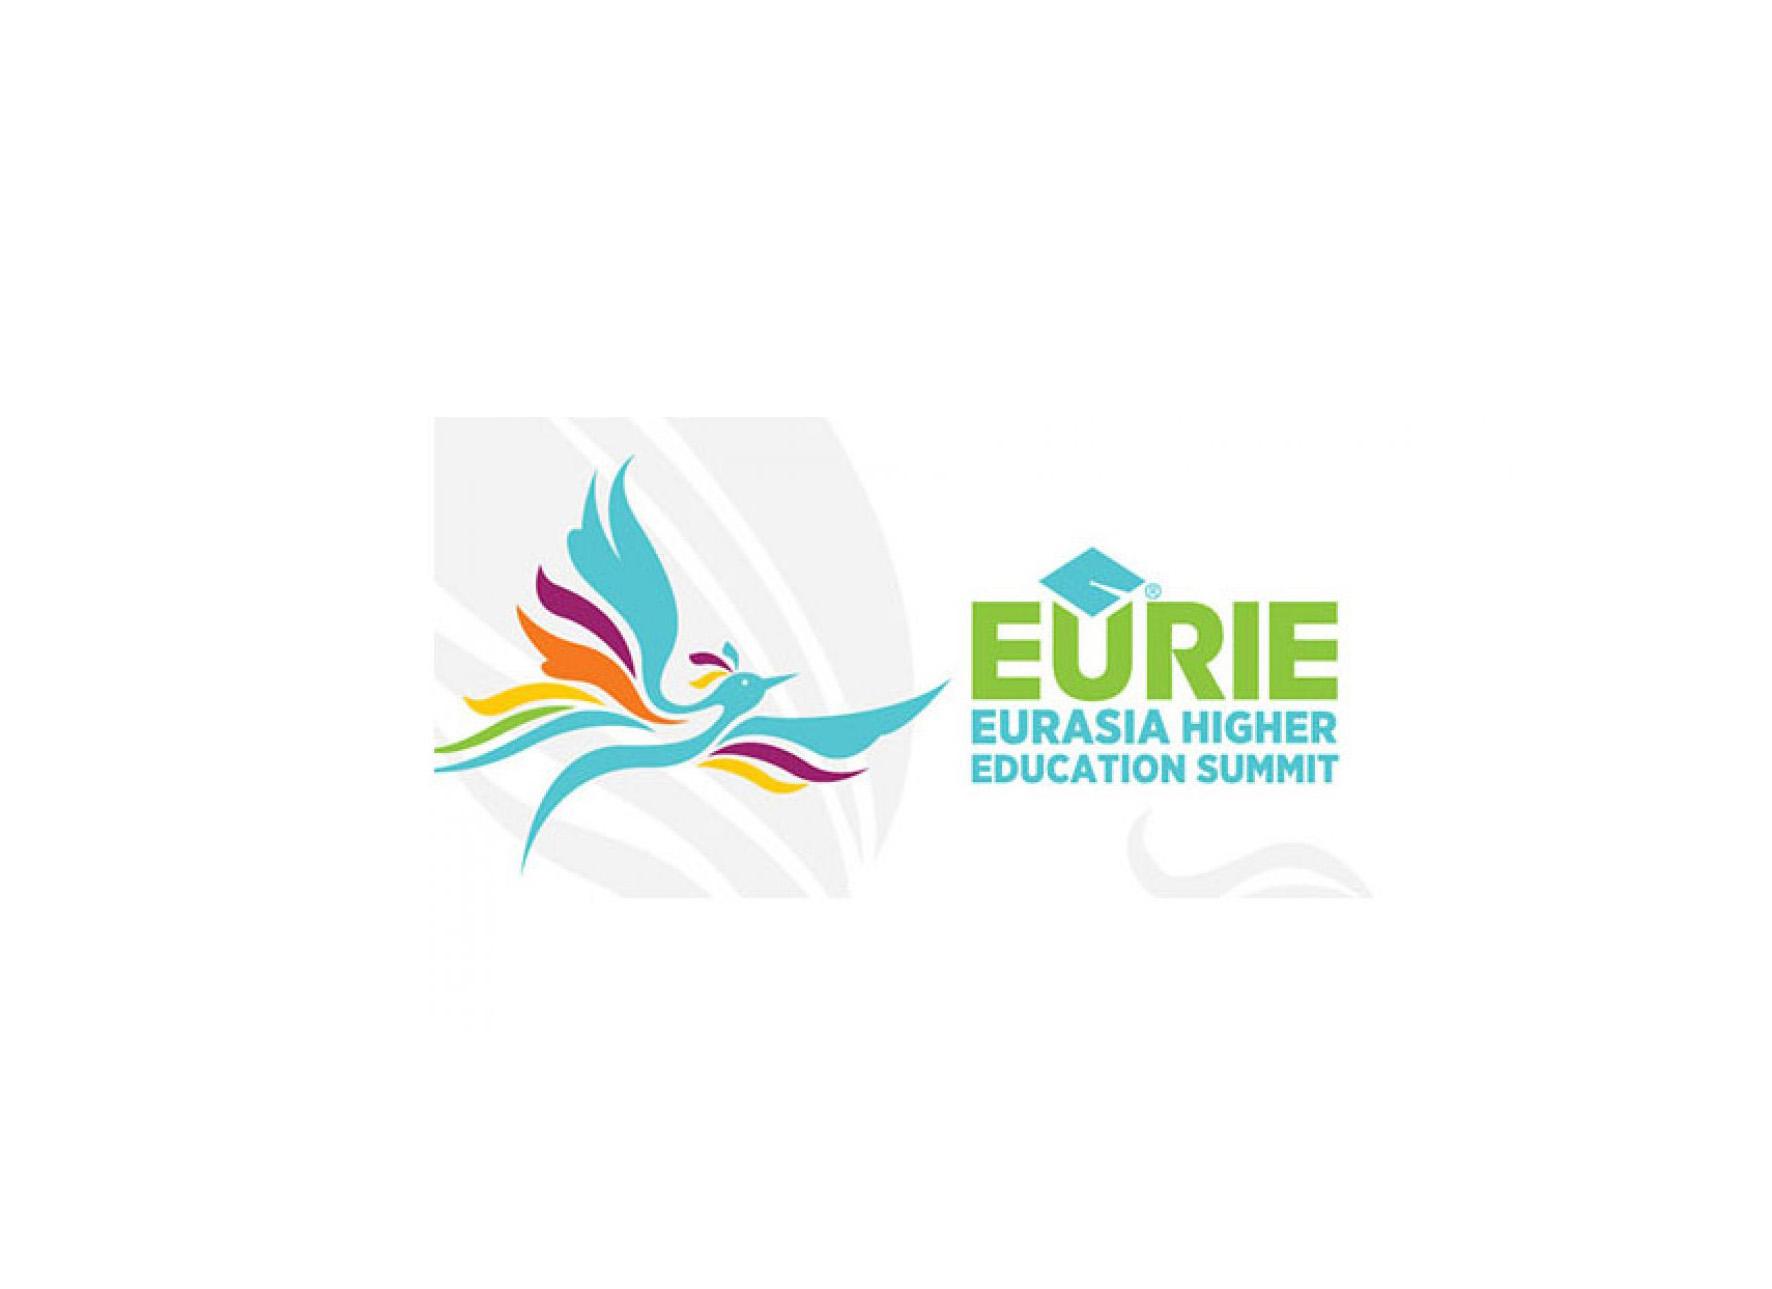 6. EURIE euroazijski samit visokog obrazovanja